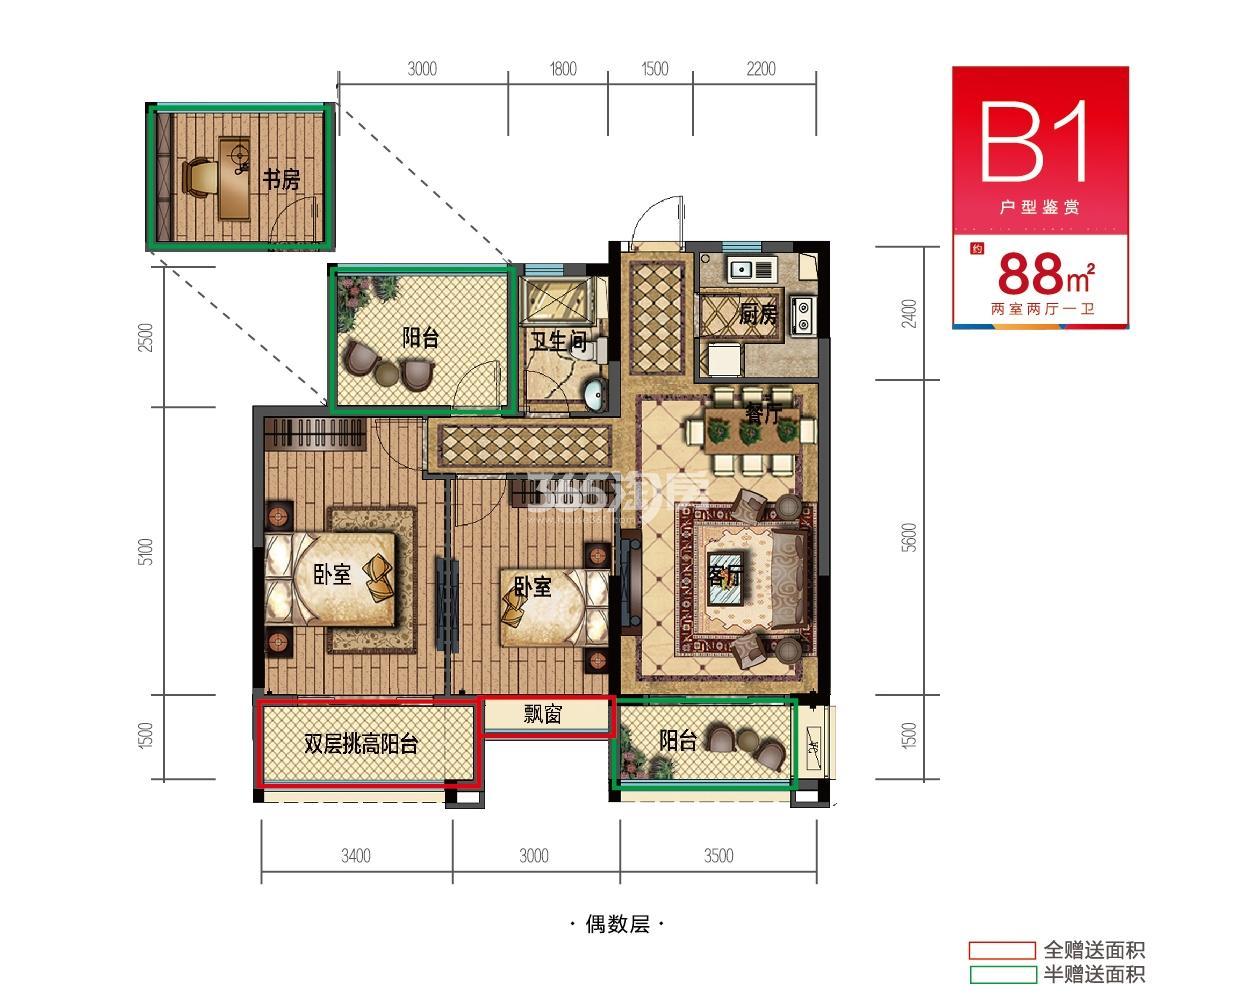 越秀星汇城B1户型88方偶数层 (11号楼)